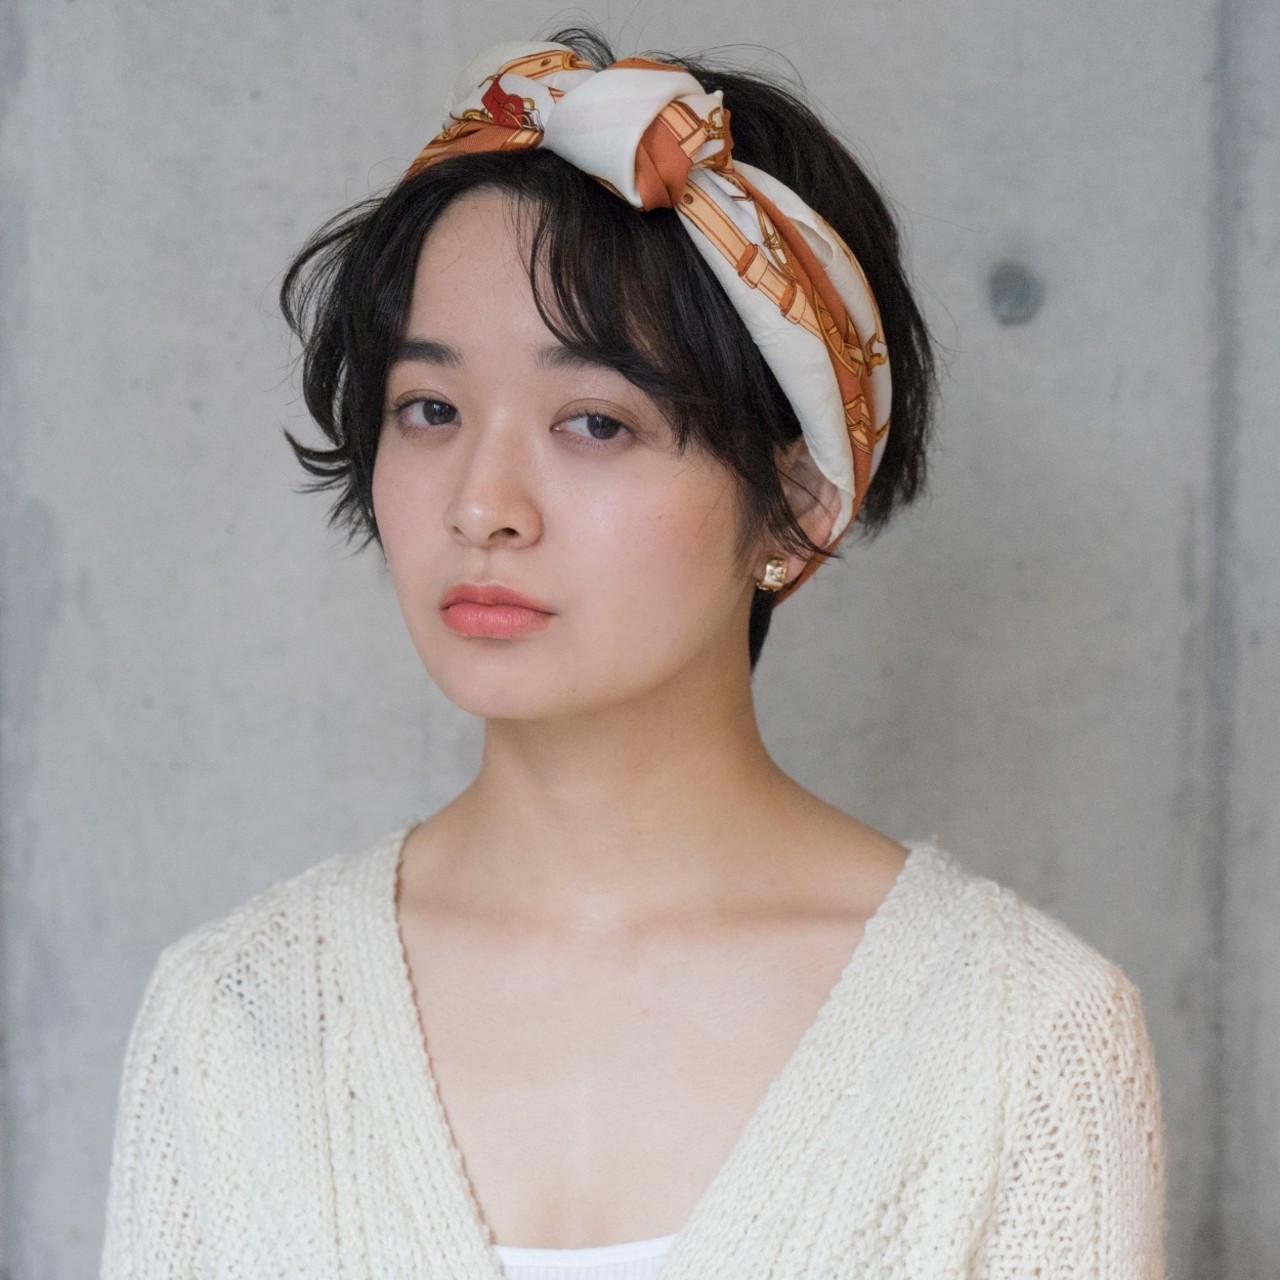 バンダナを使った前髪アップアレンジ タカハシ アヤミ  ROVER